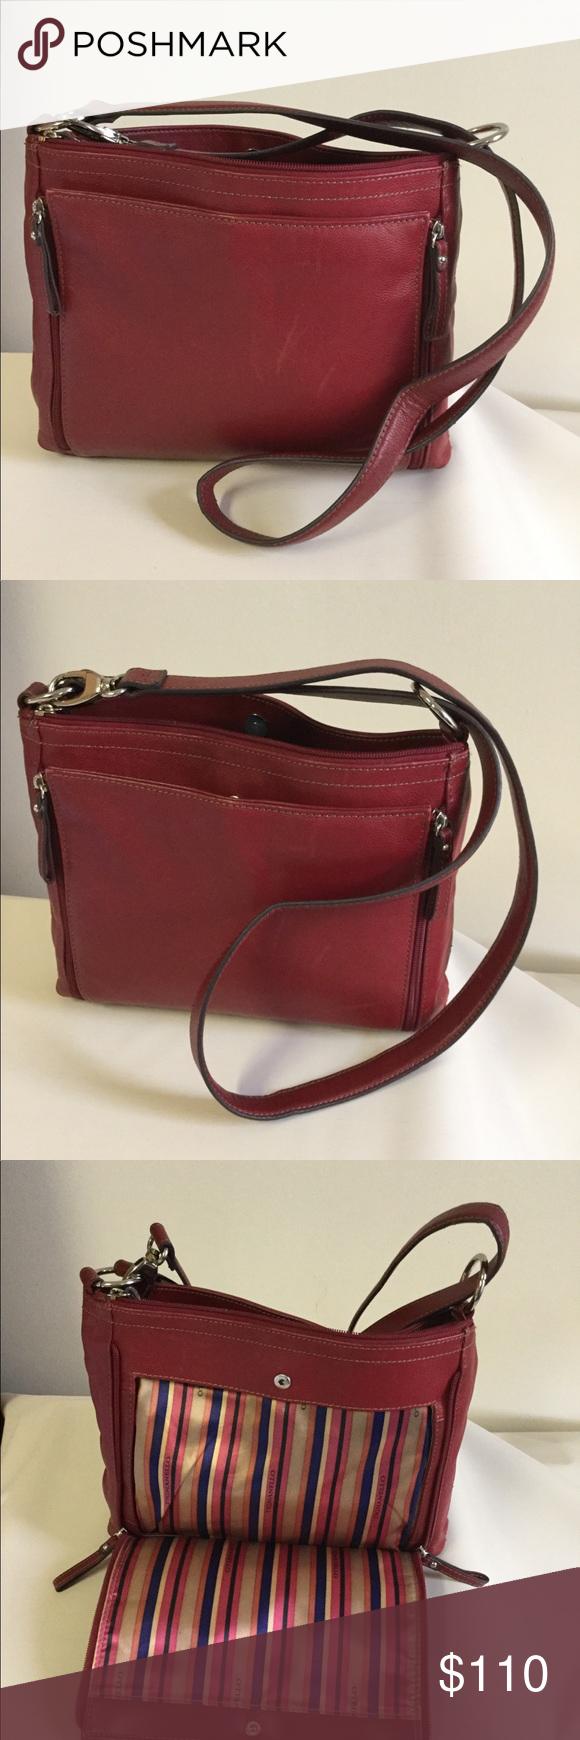 ead446891c3d Tignanello Leather Bag Tignanello Leather Bag Beautiful Design I Love This  Bag Style ALL LEATHER Used